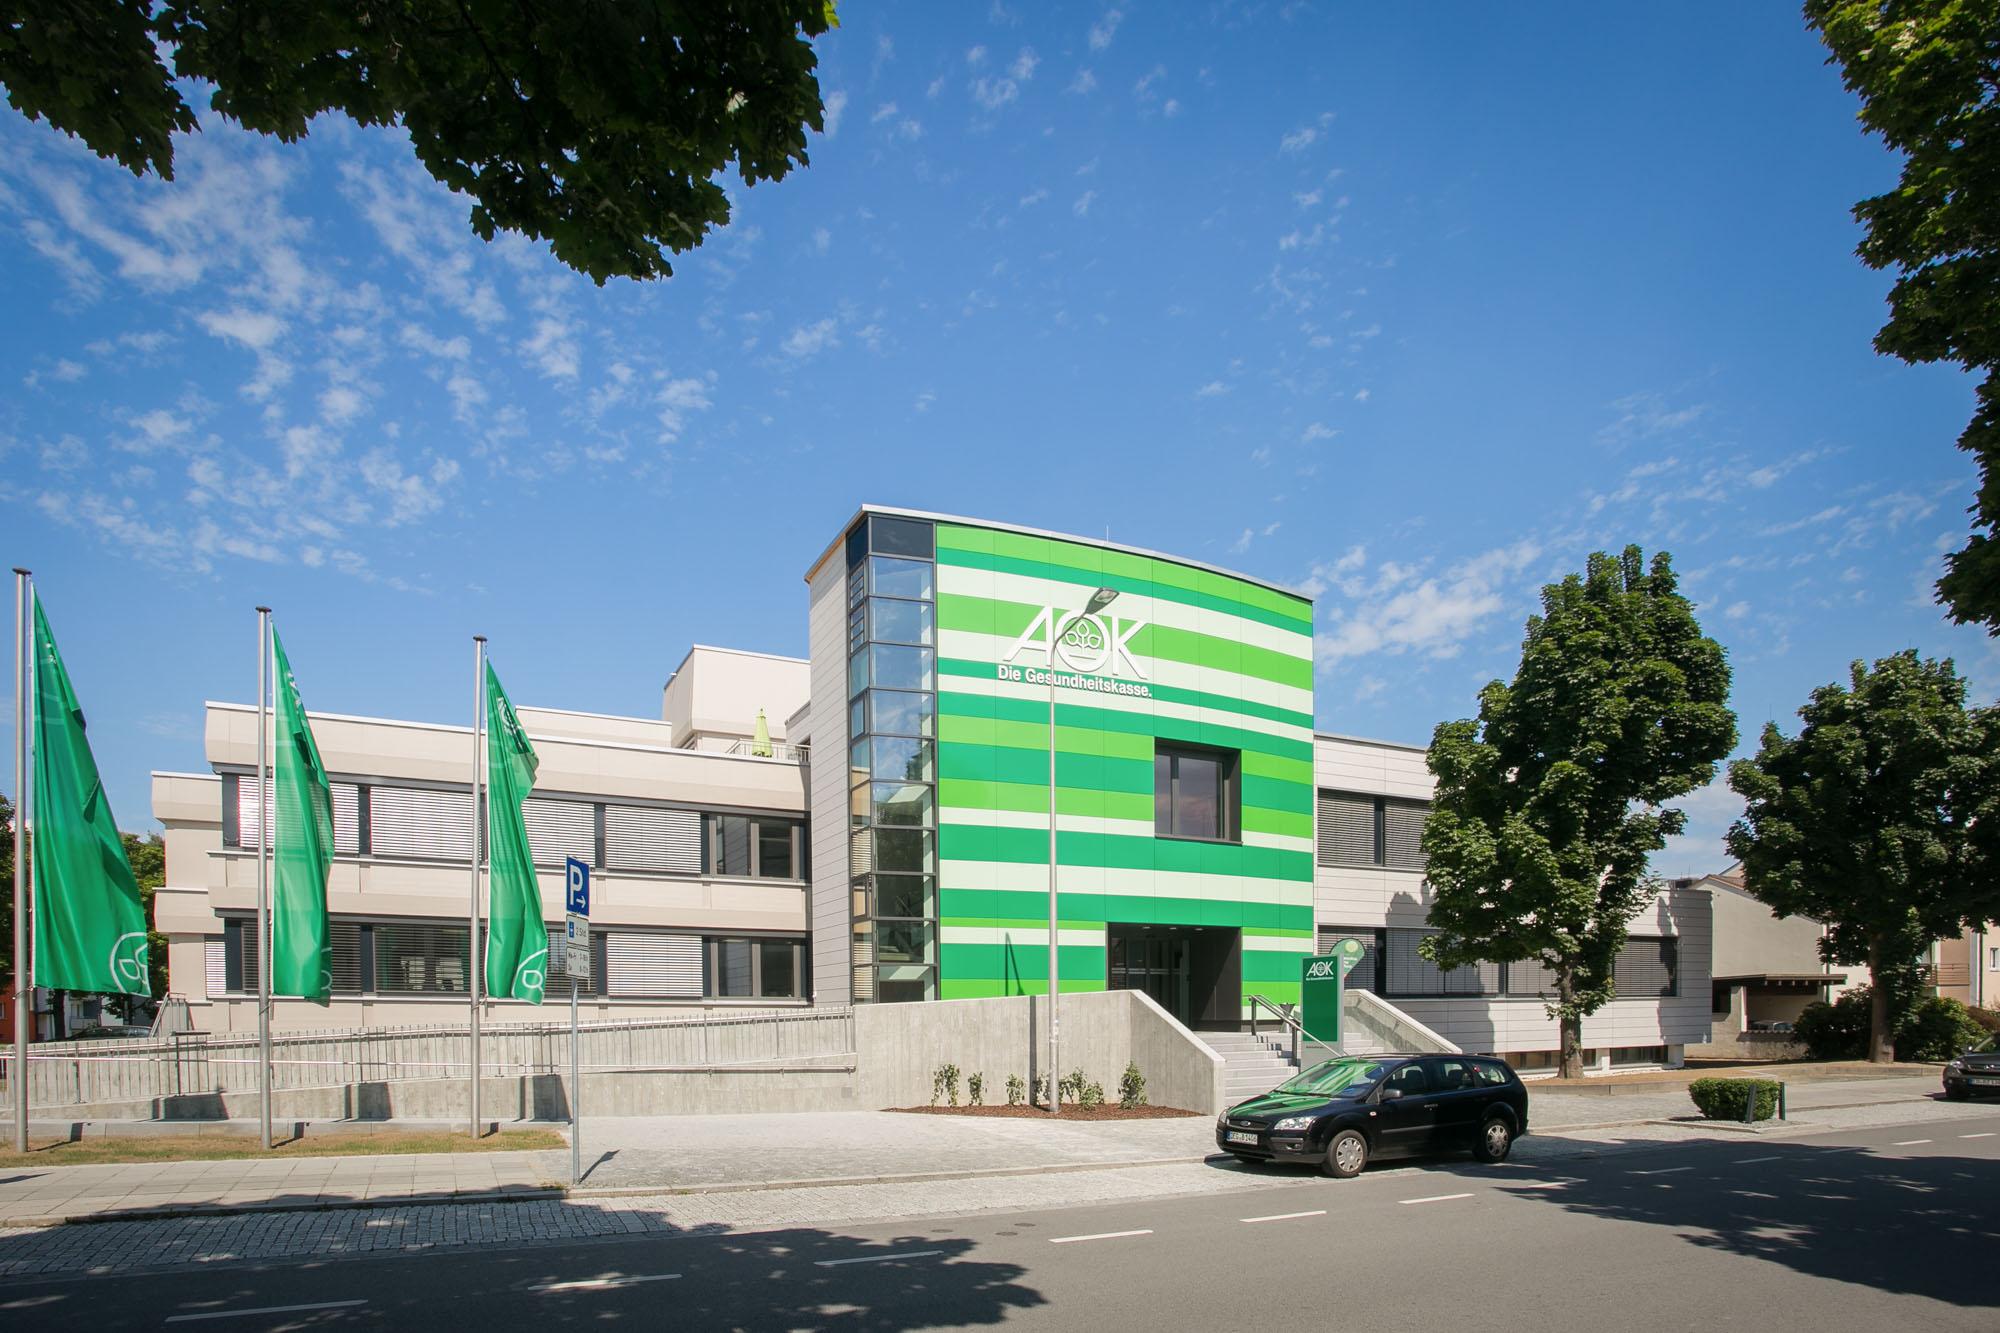 aok-deggendorf-pflegekasse-verhinderungspflege-kurzzeitpflege-24-stunden-pflege-betreuung-zu-hause